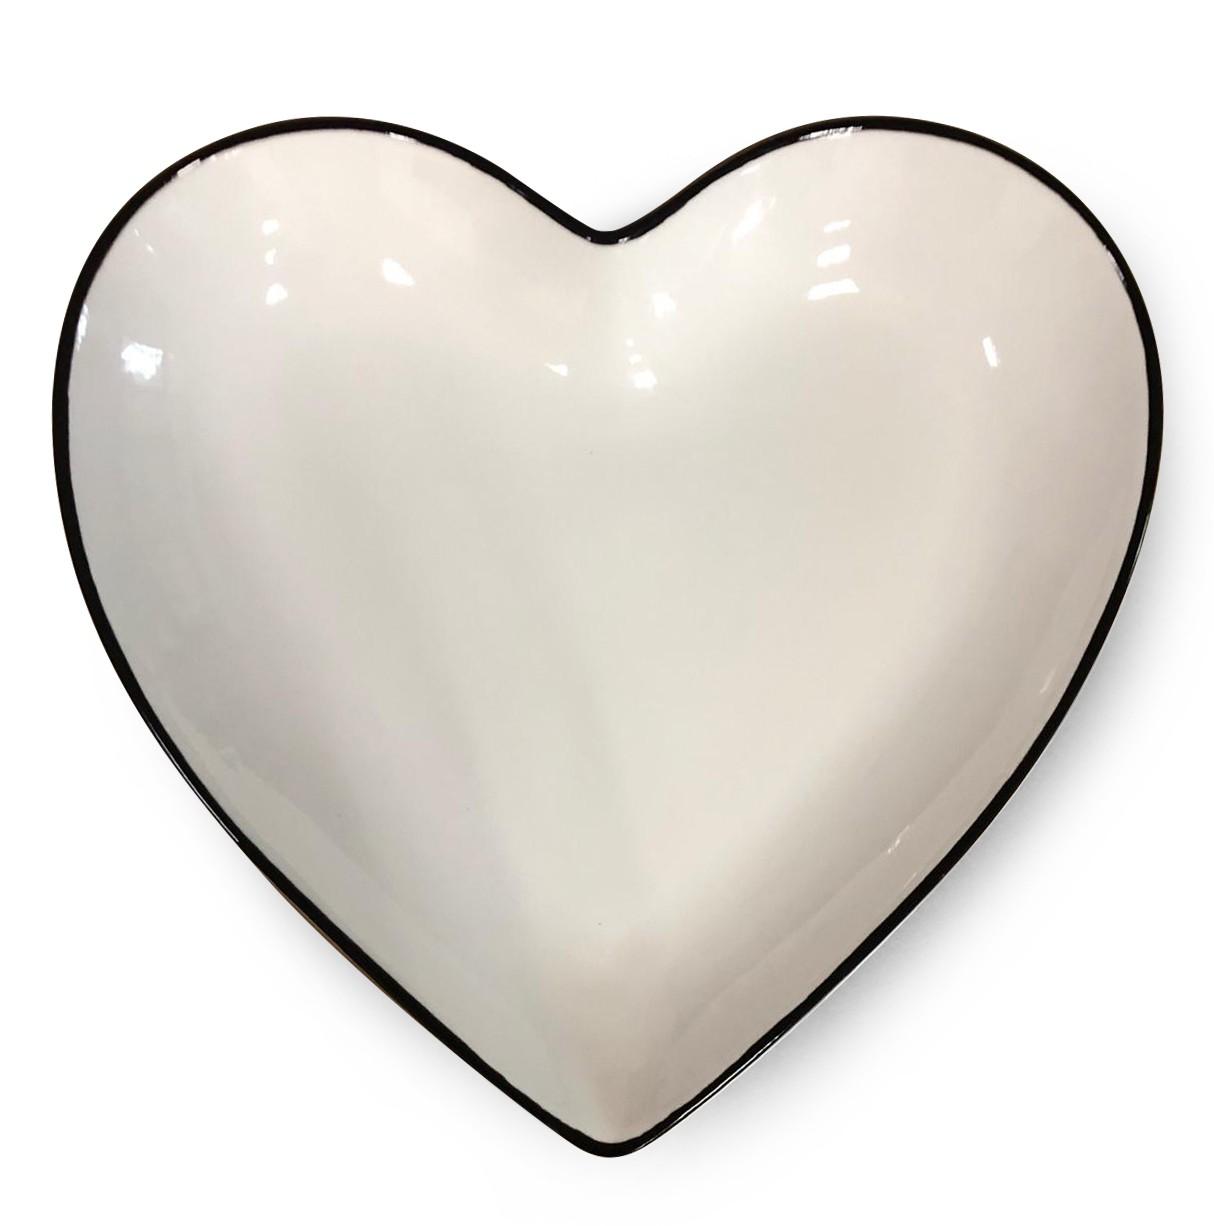 Prato formato coração de cerâmica branco com borda preta - Cód. OC416